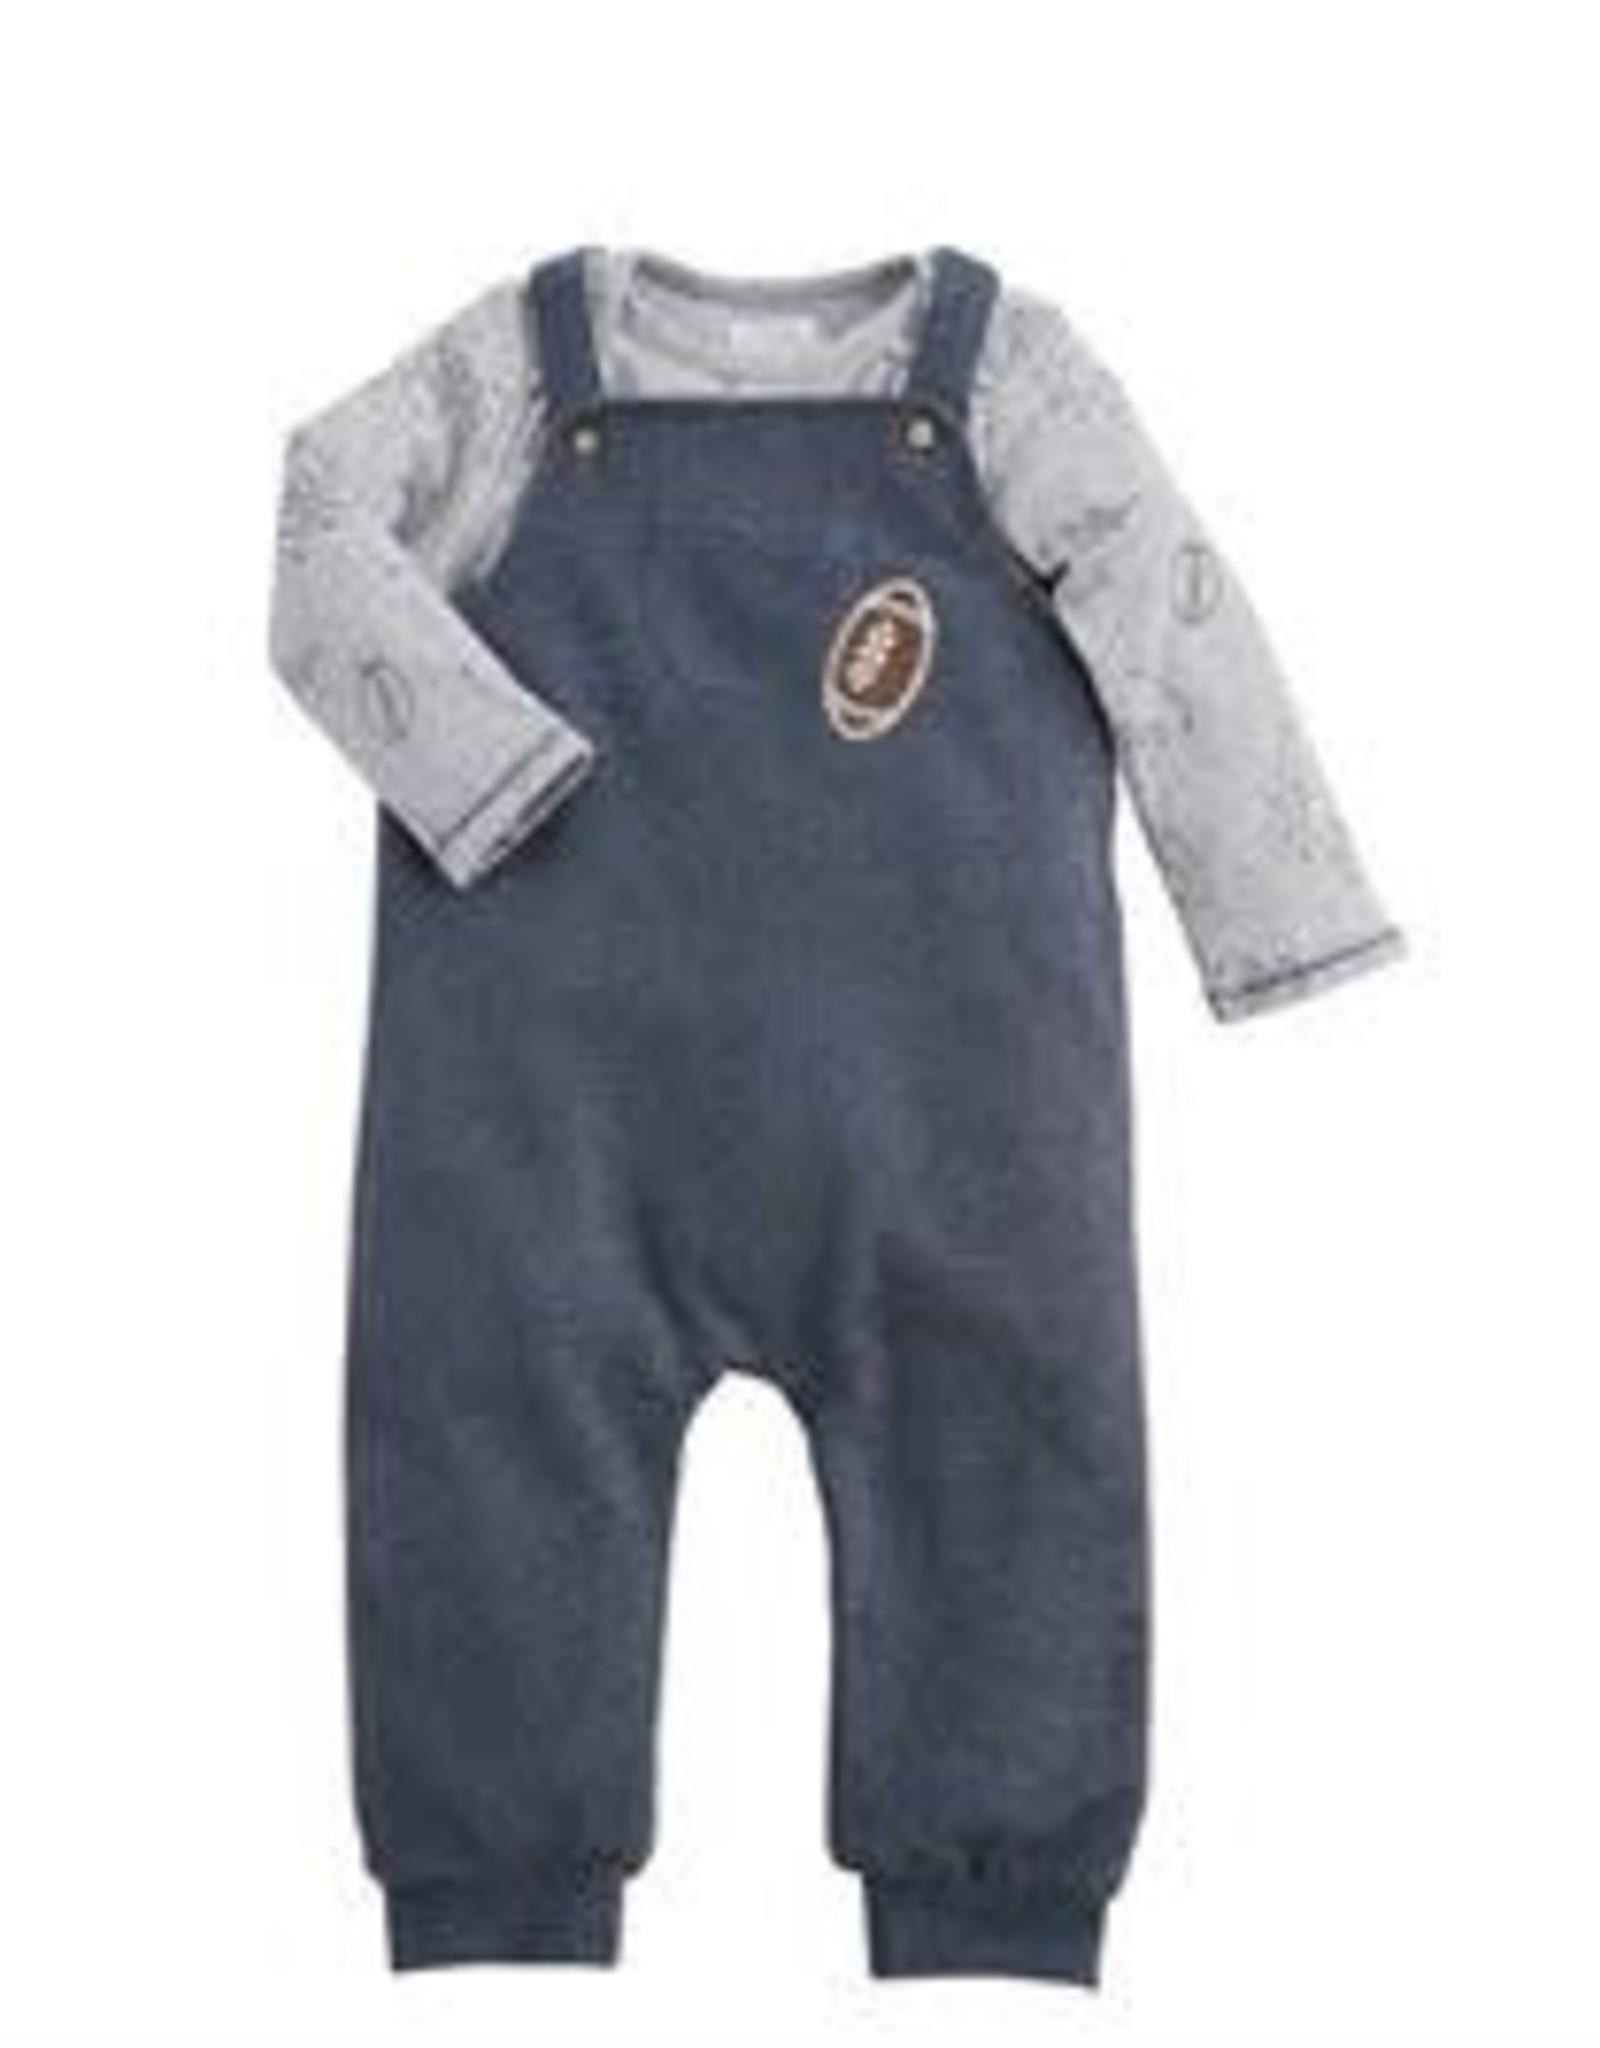 All Boy Overall & Shirt Set